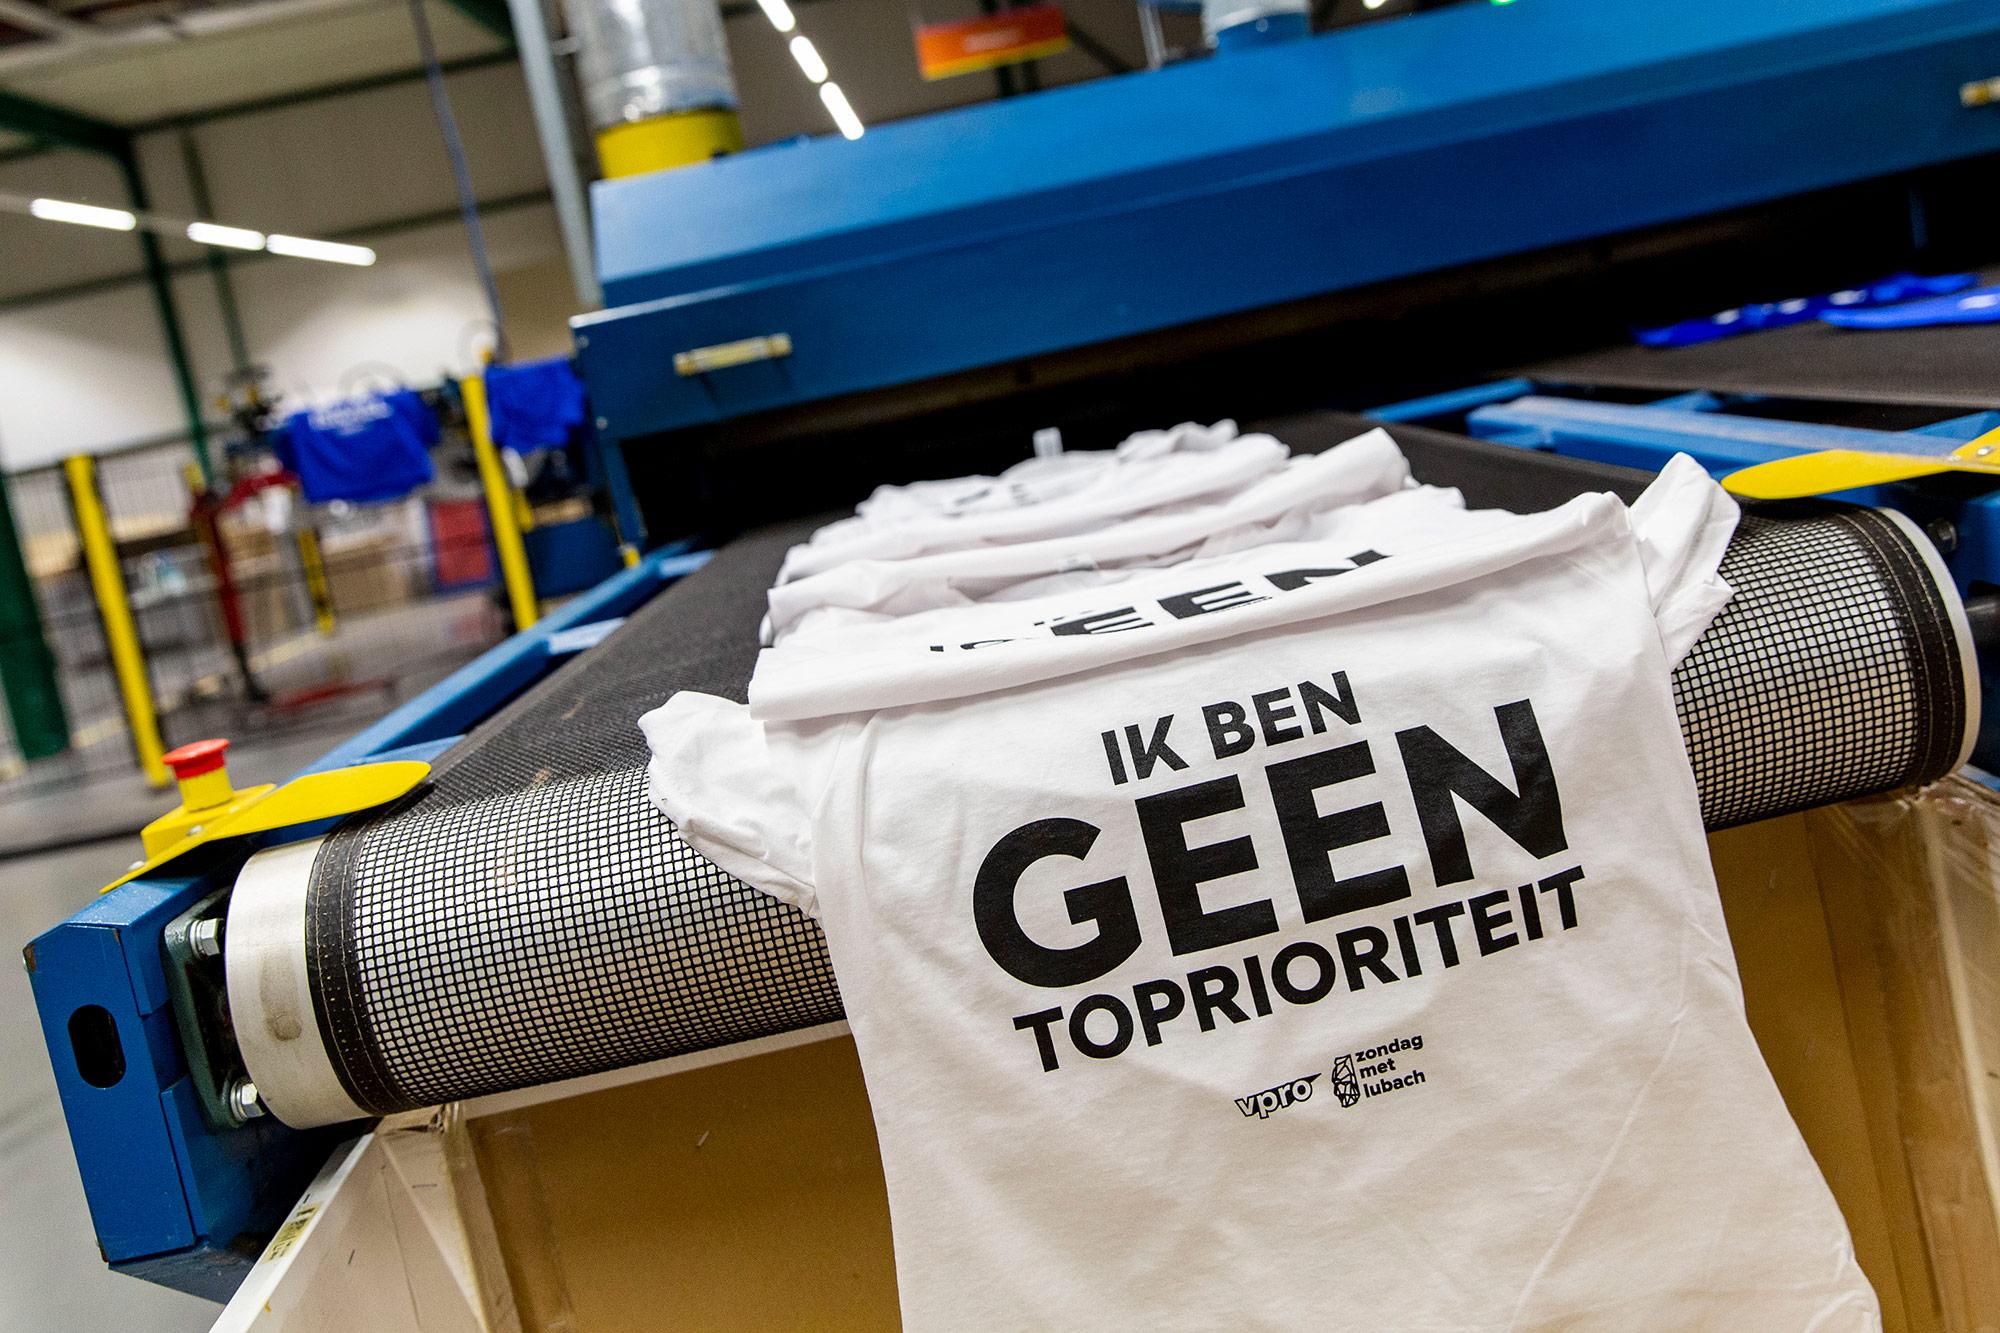 349309 drukwerkdeal.nl%20lubach%20toprioriteit 0469f7 original 1583928319